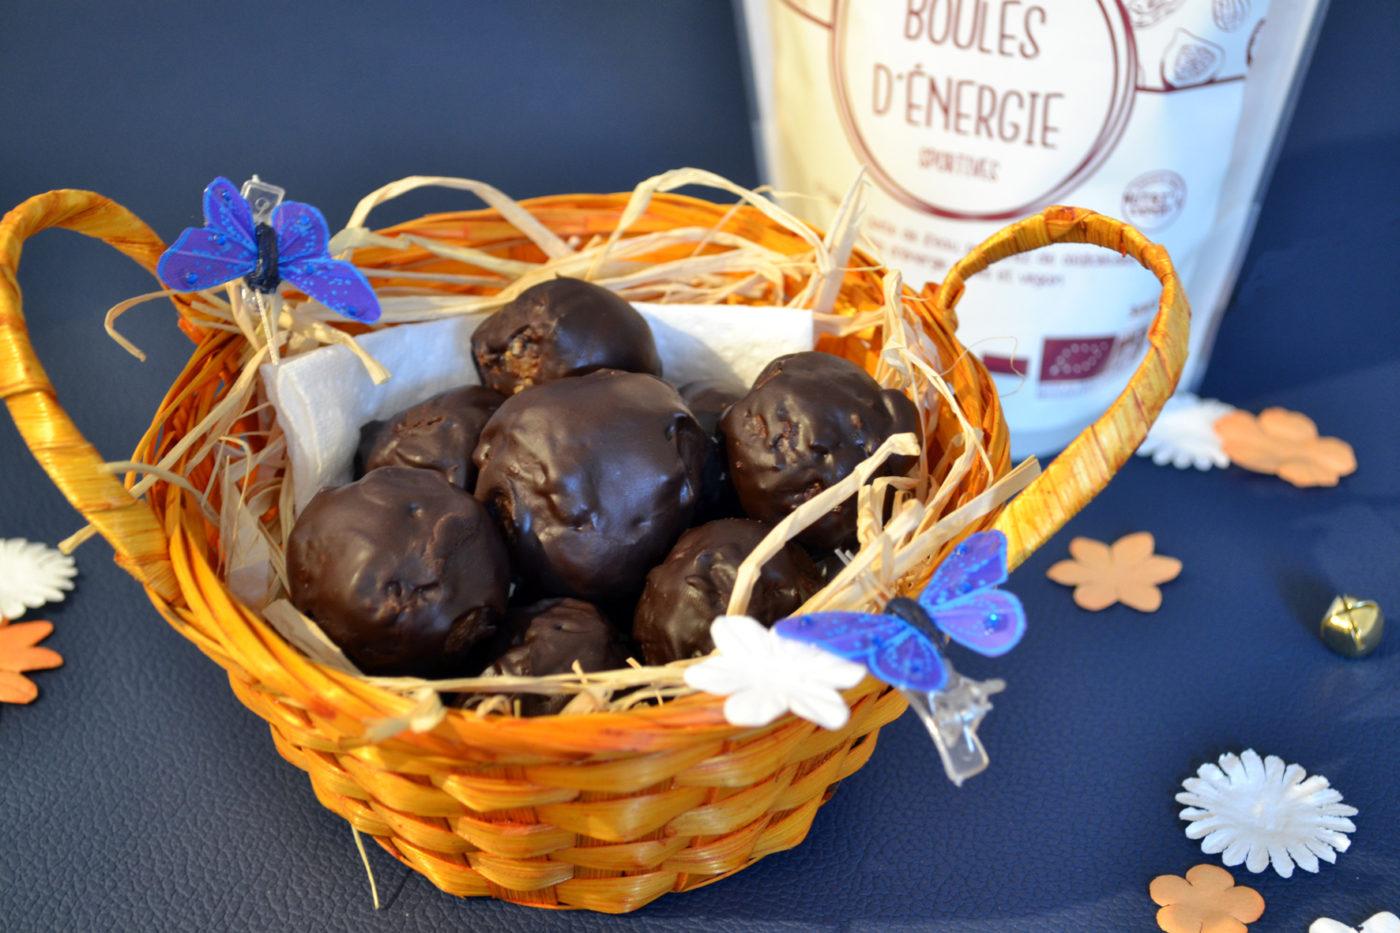 oeufs de Pâques au chocolat avec les boules d'énergie Uberti